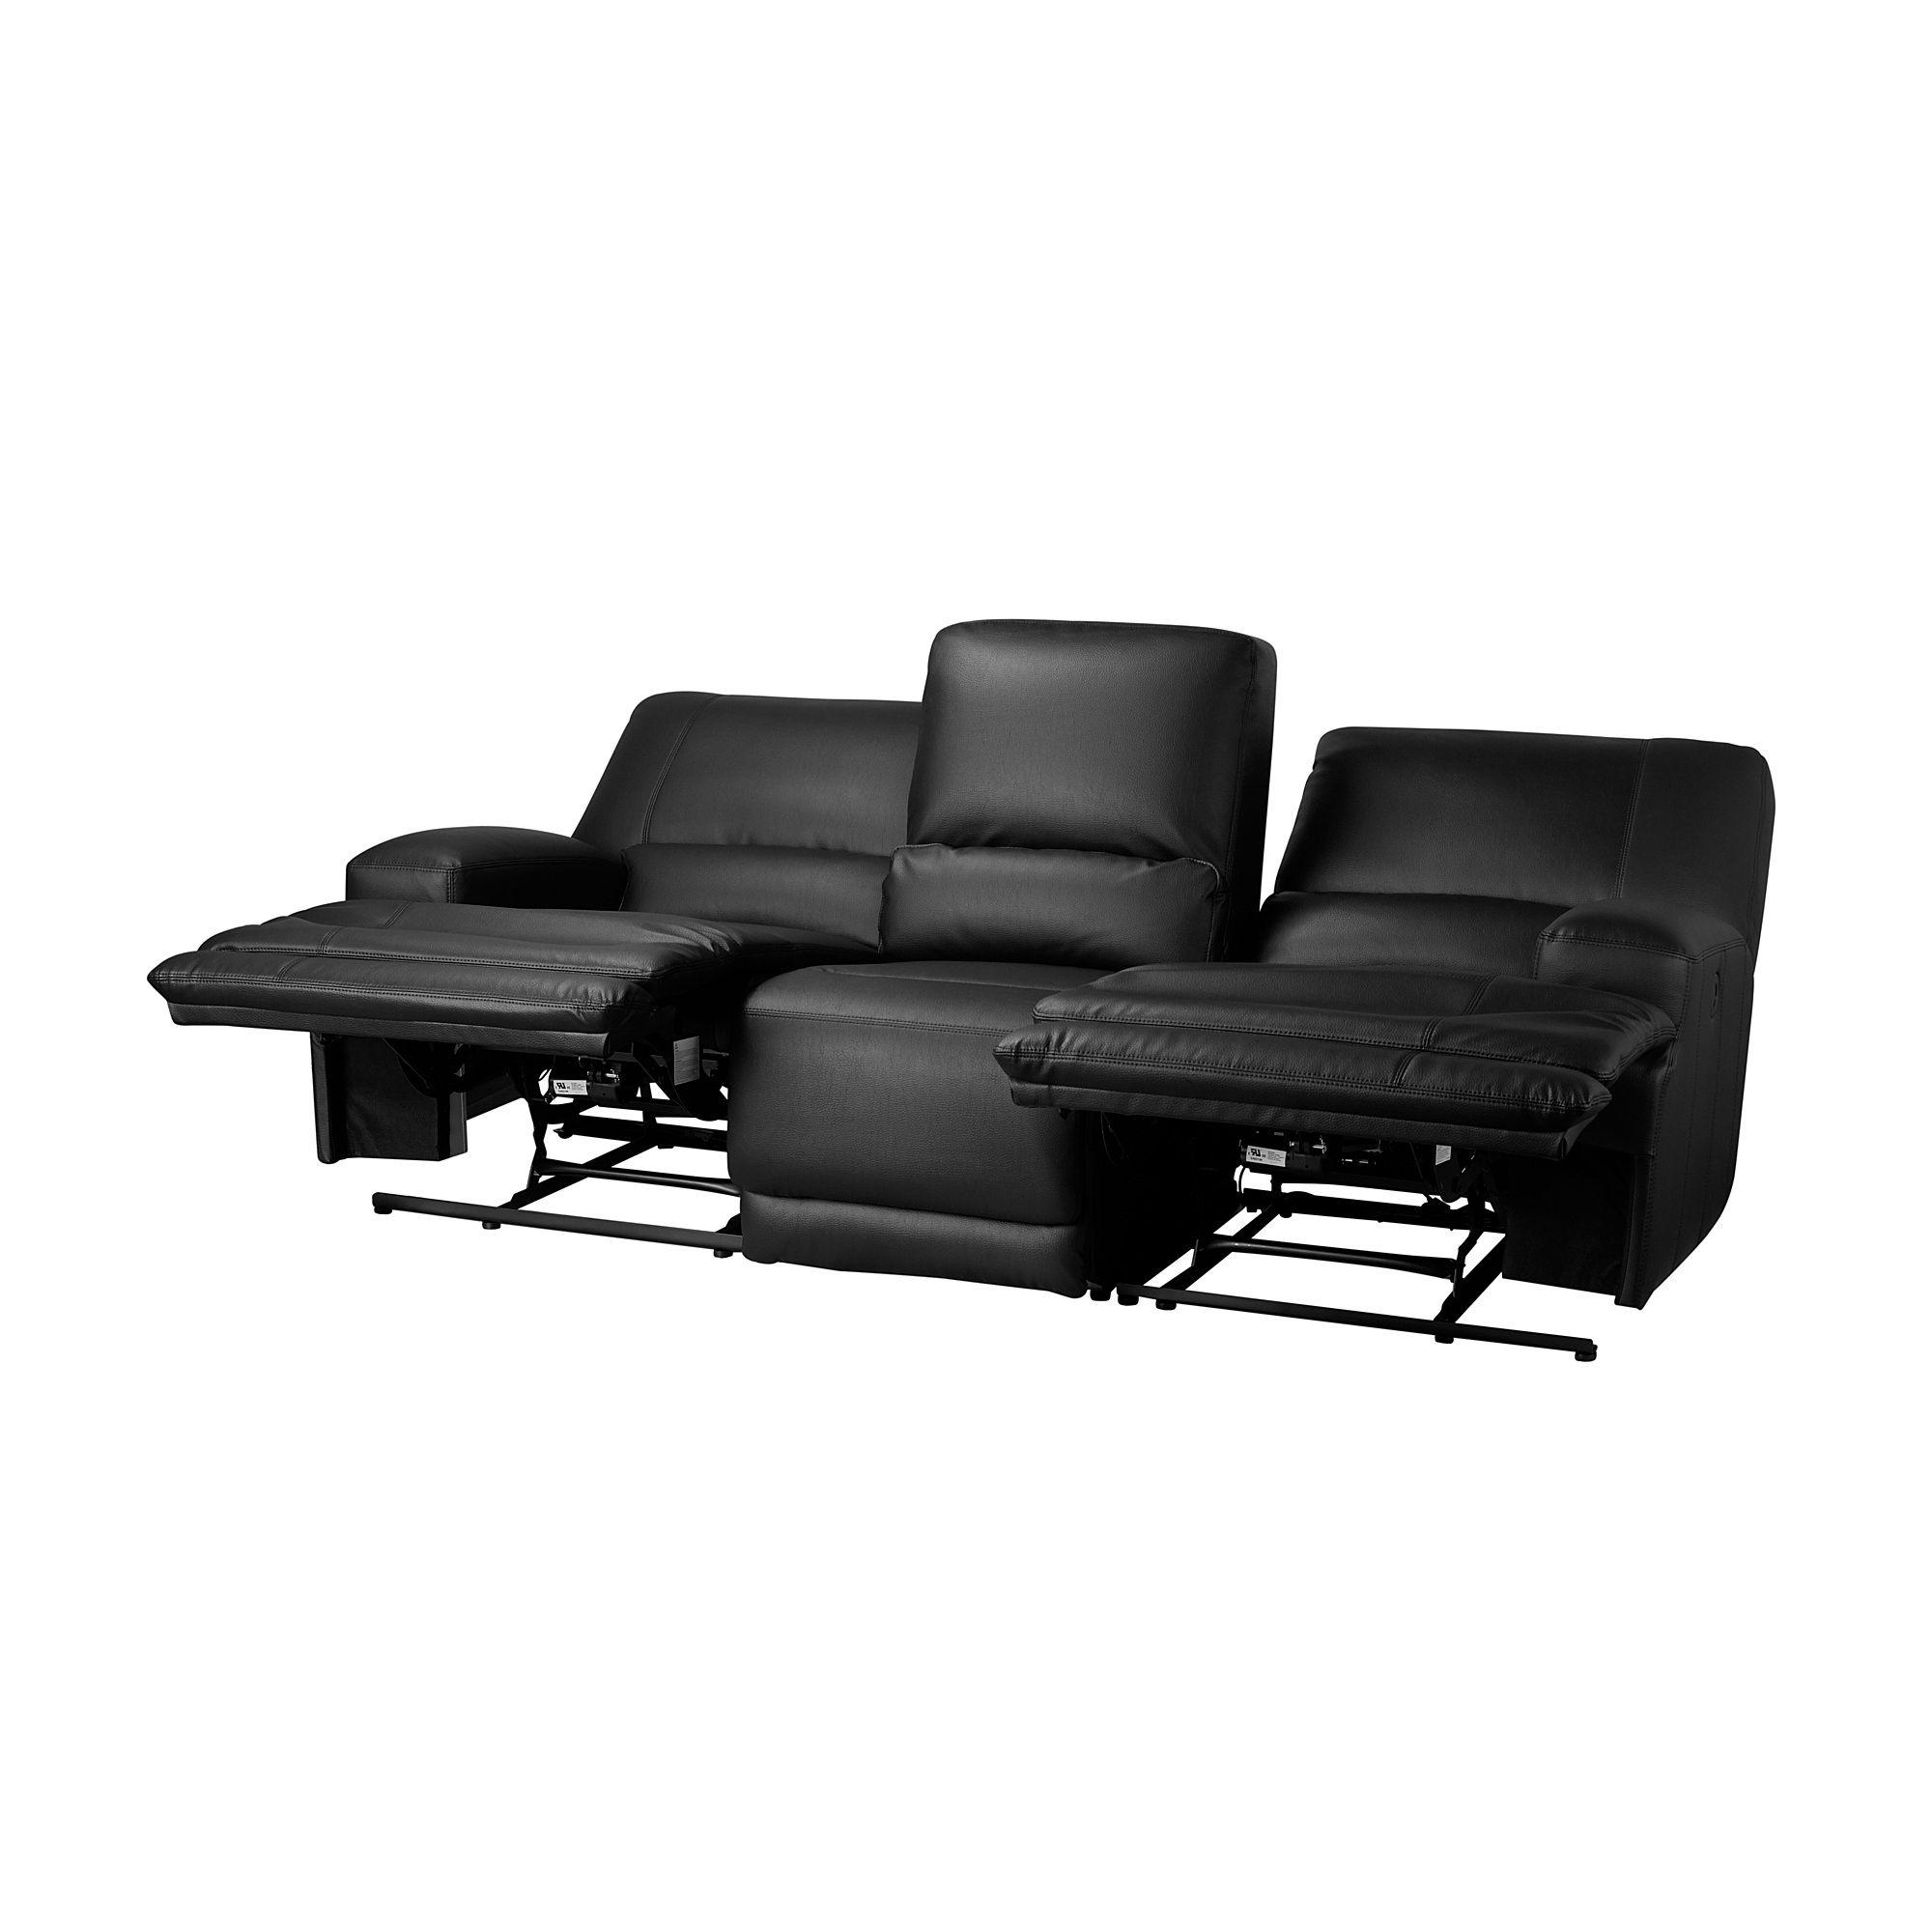 IKEA VÄNNÄS Sofa with adjustable seat/back Murum black